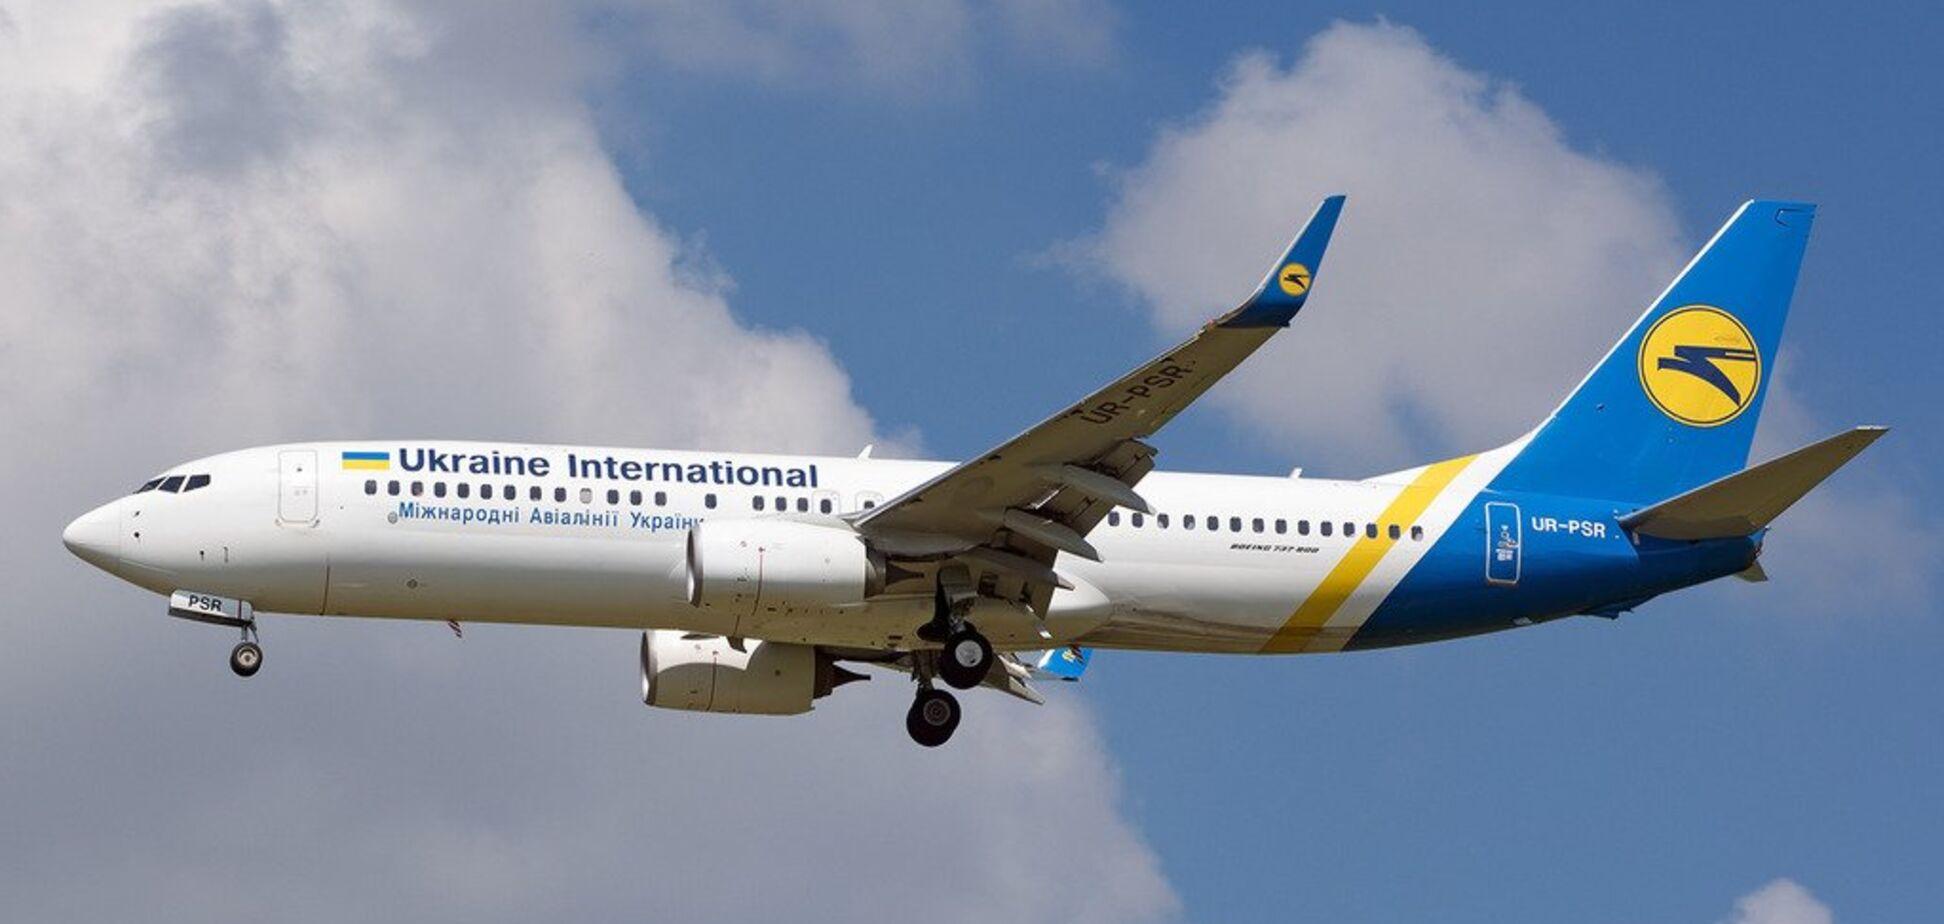 Двое опоздали: в СНБО уточнили данные по пассажирам самолета МАУ в Иране